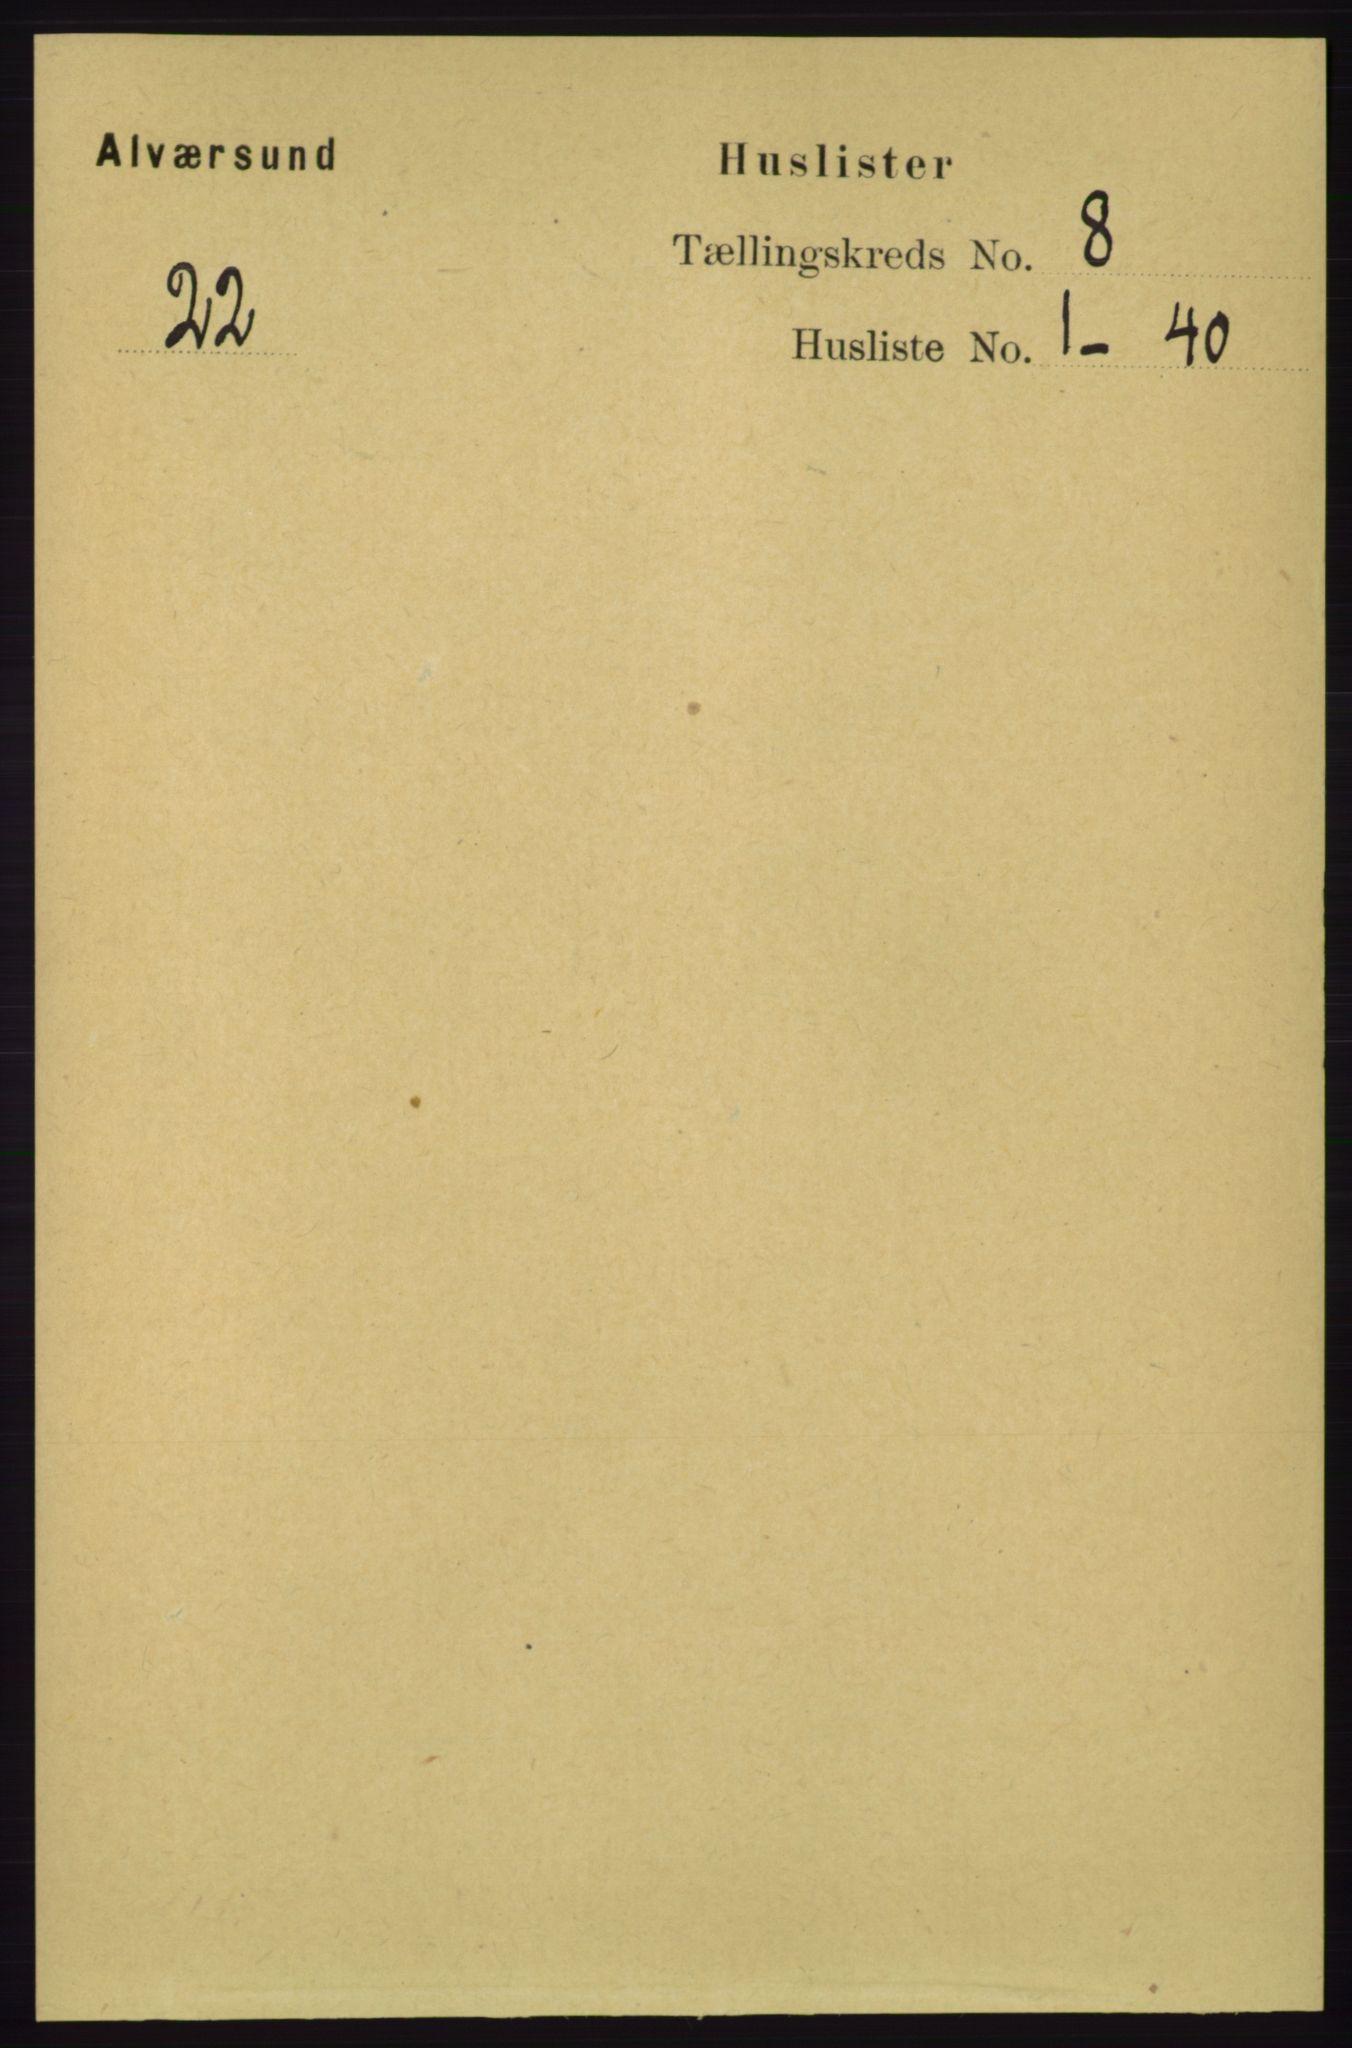 RA, Folketelling 1891 for 1257 Alversund herred, 1891, s. 2727